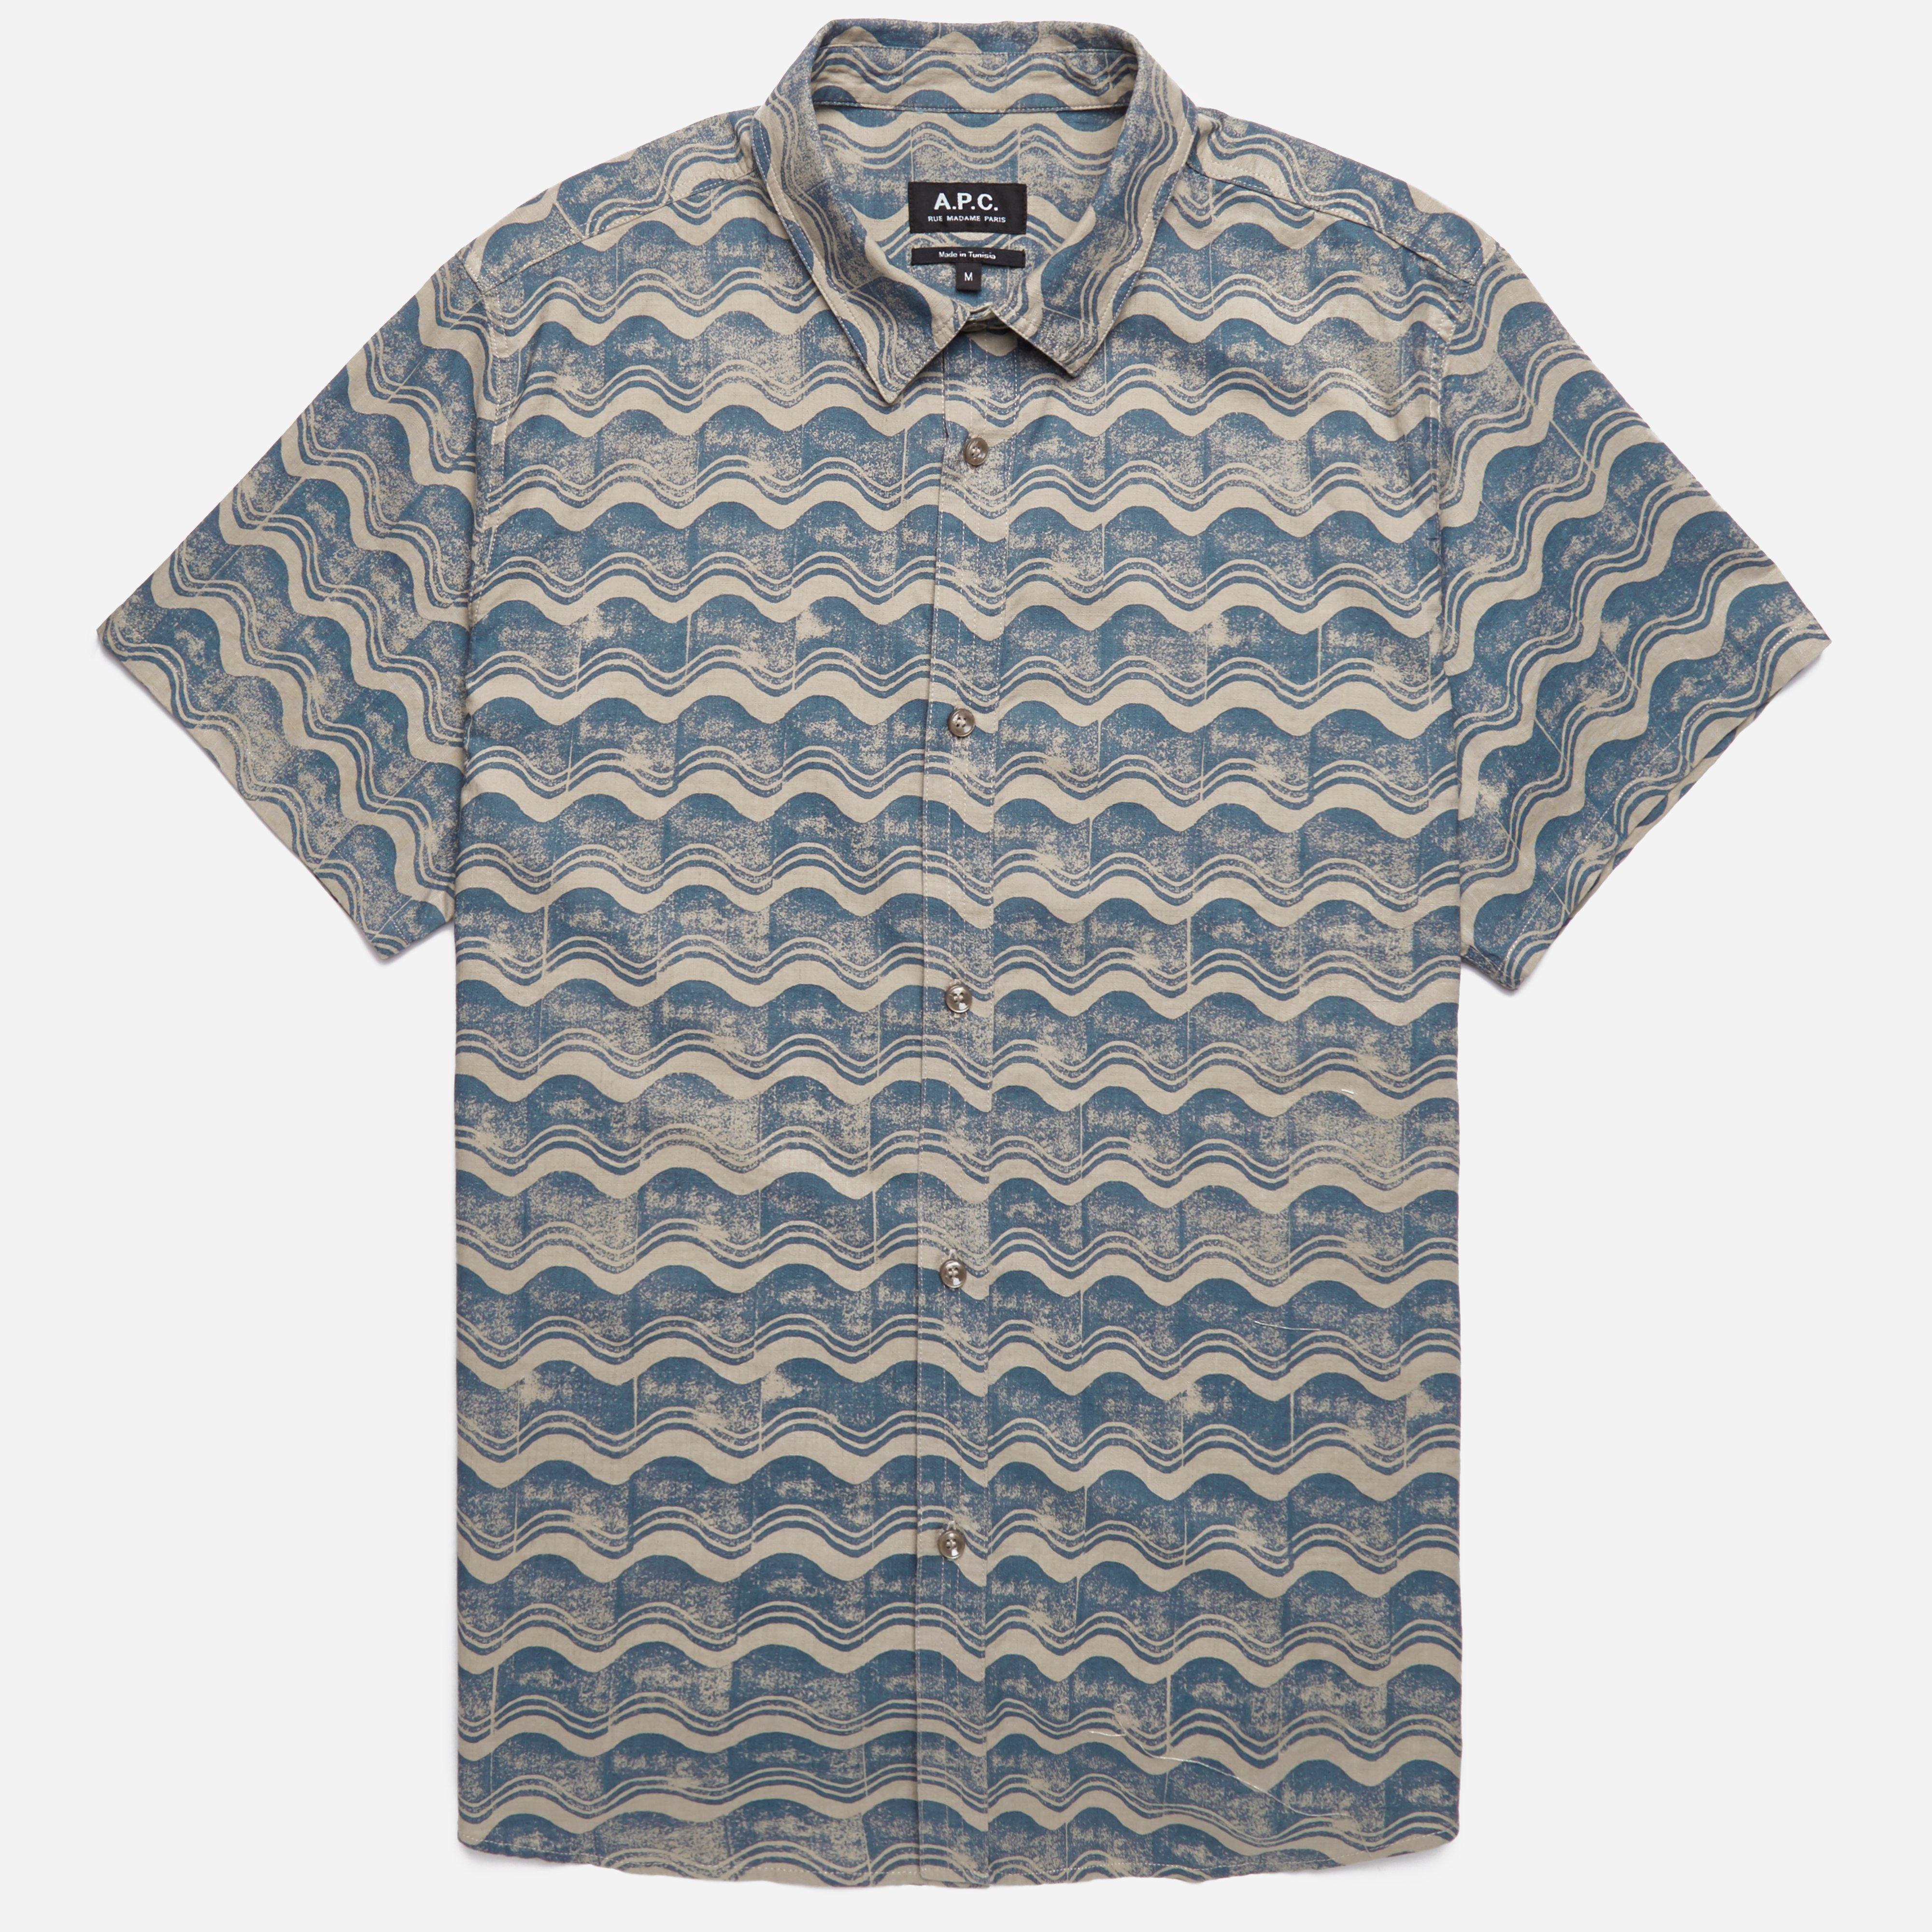 A.P.C Chemise Austin Shirt